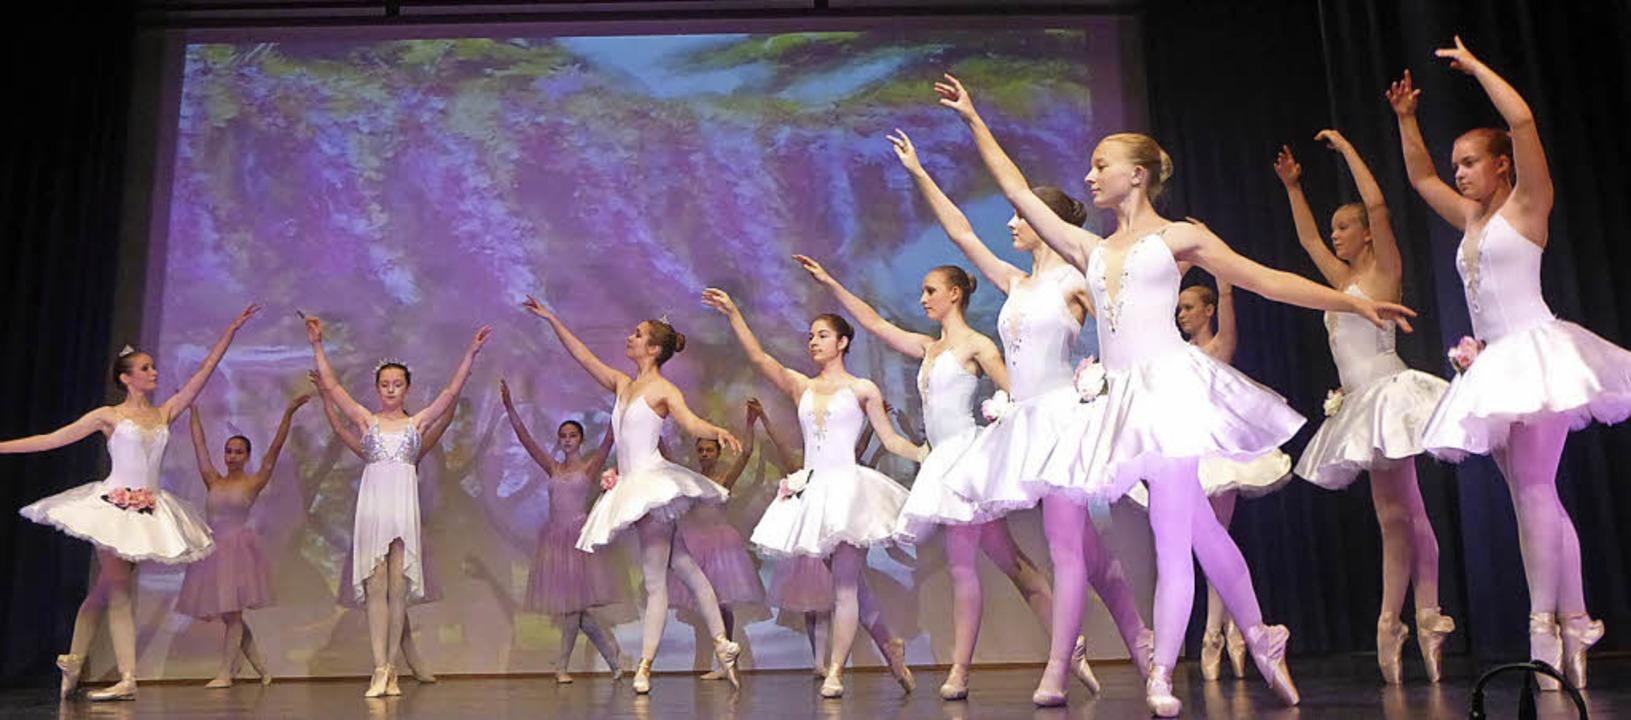 Die Tänzerinnen erfreuten mit einer Mischung aus Spielfreude und Disziplin.  | Foto: Anne Freyer